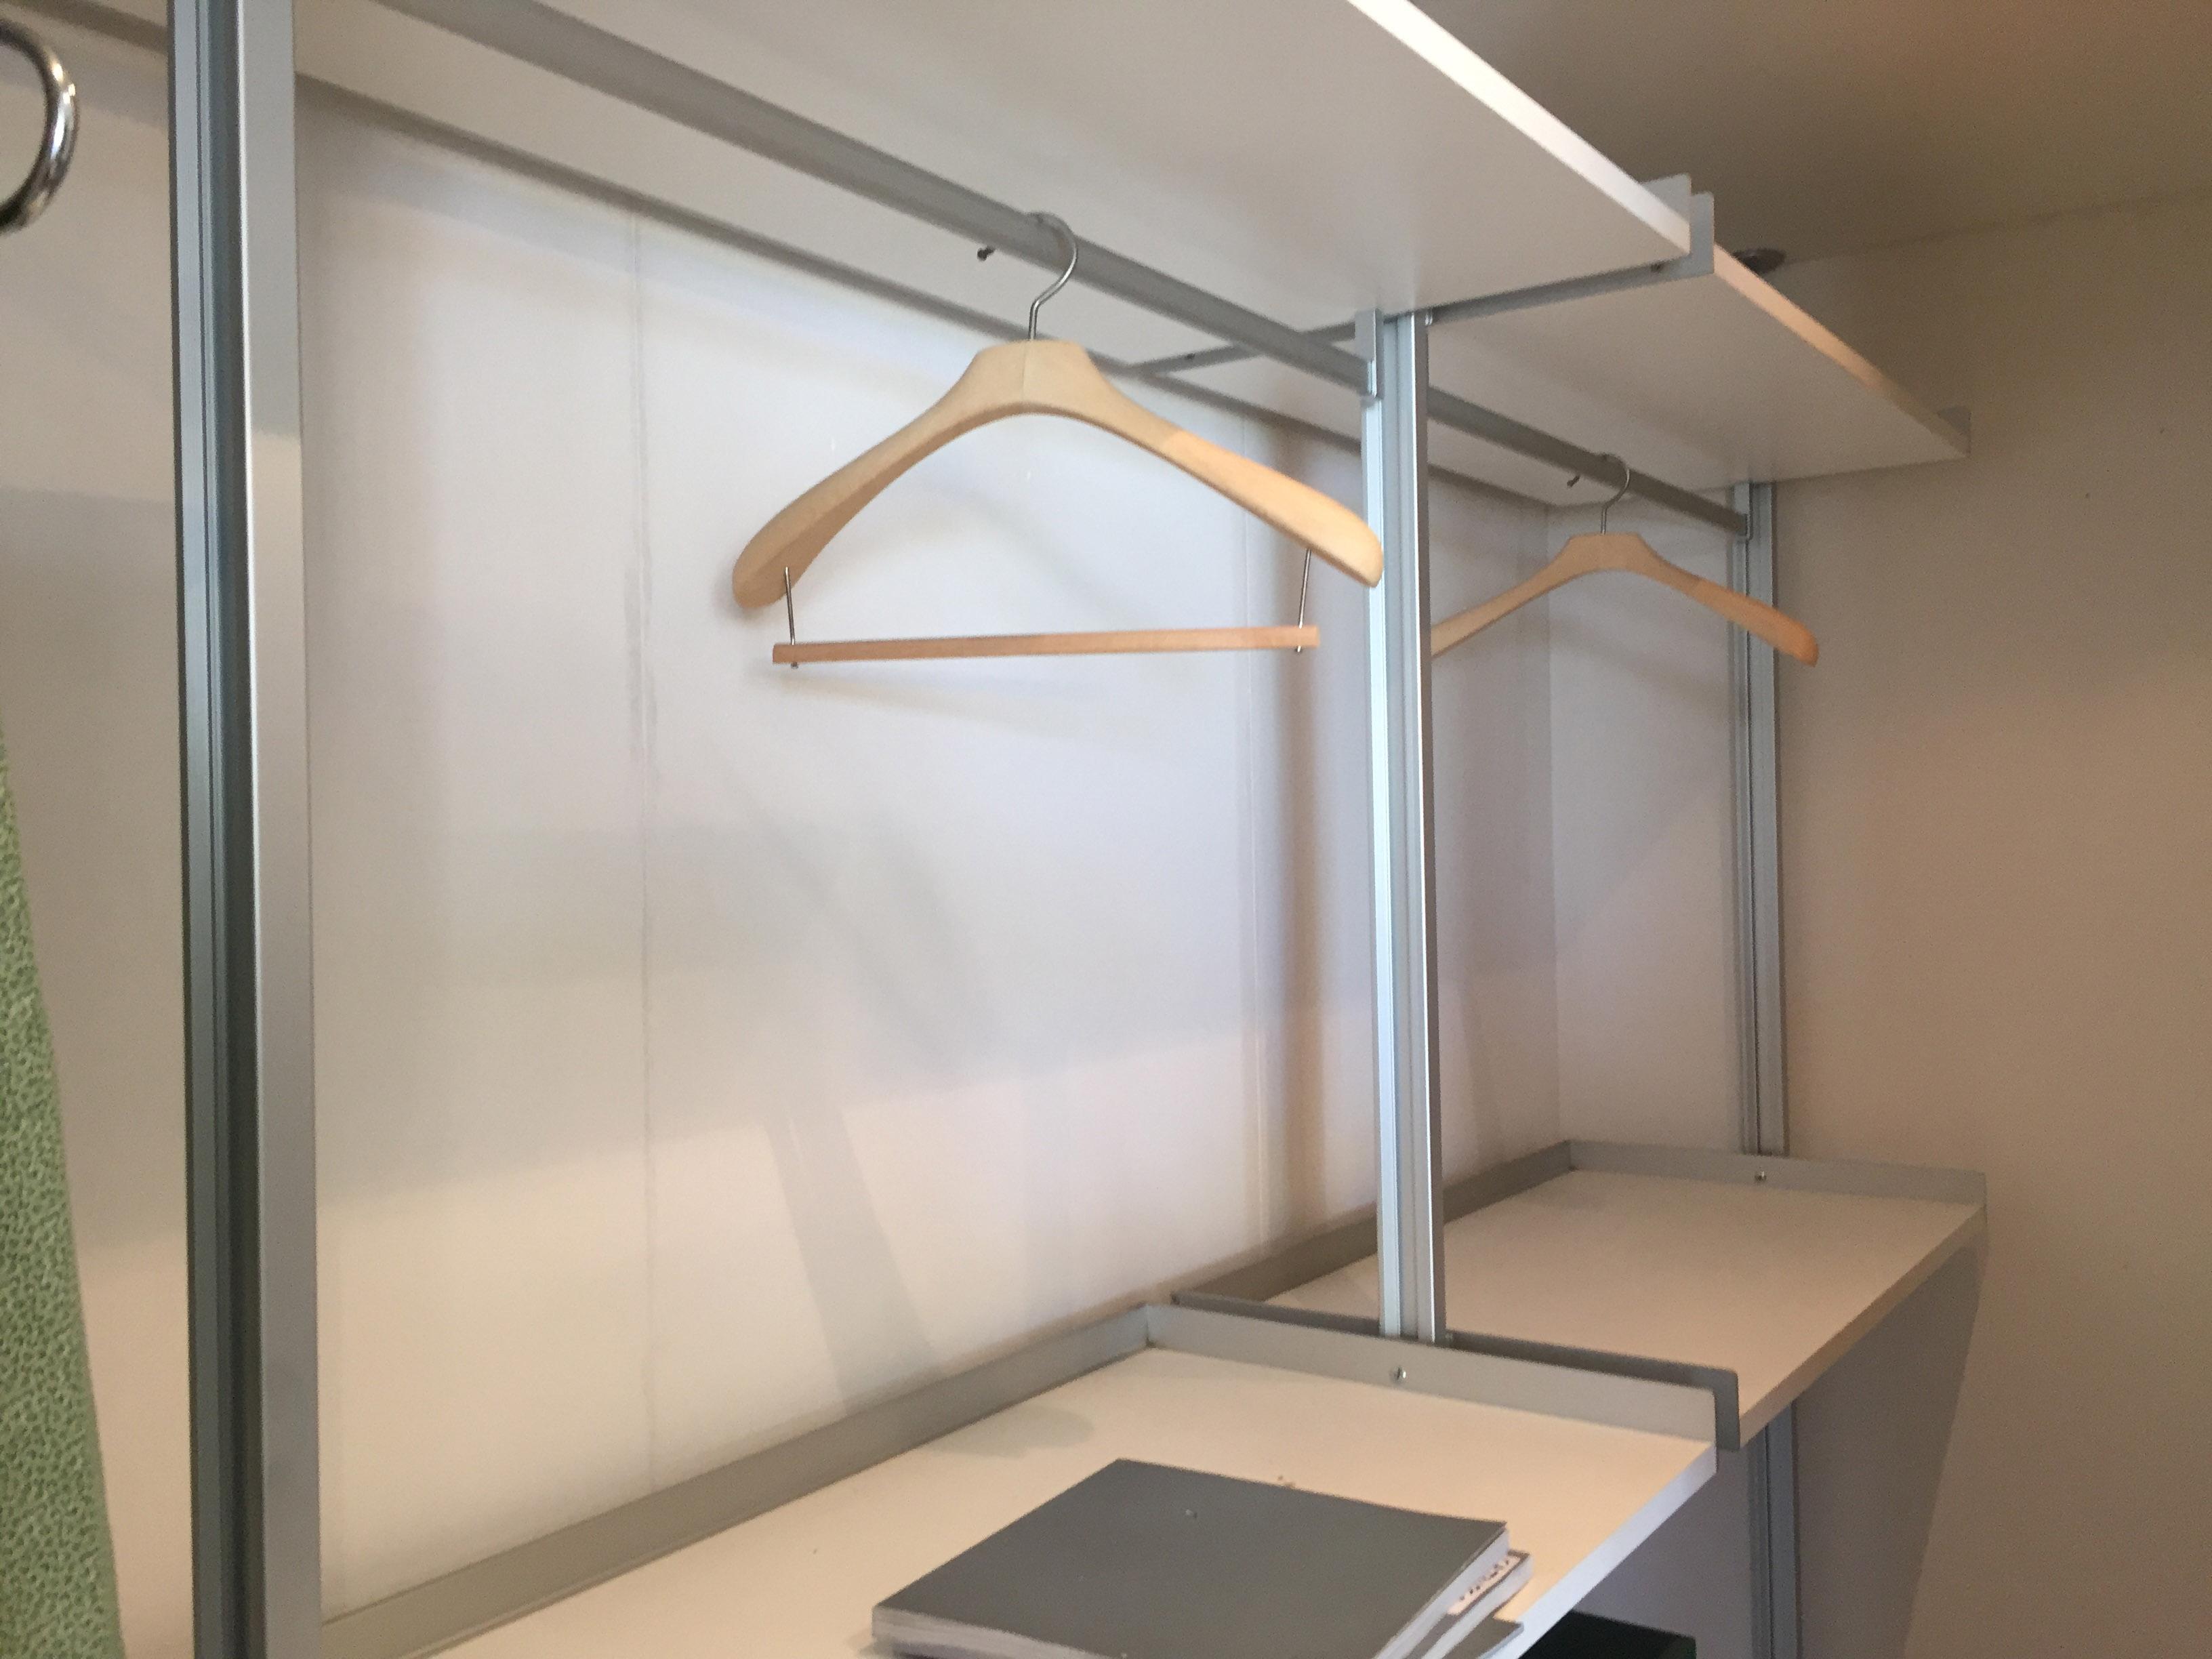 Rimadesio Cabina Armadio Zenit Prezzo : Cabina armadio rimadesio stunning rimadesio cabina armadio zenit